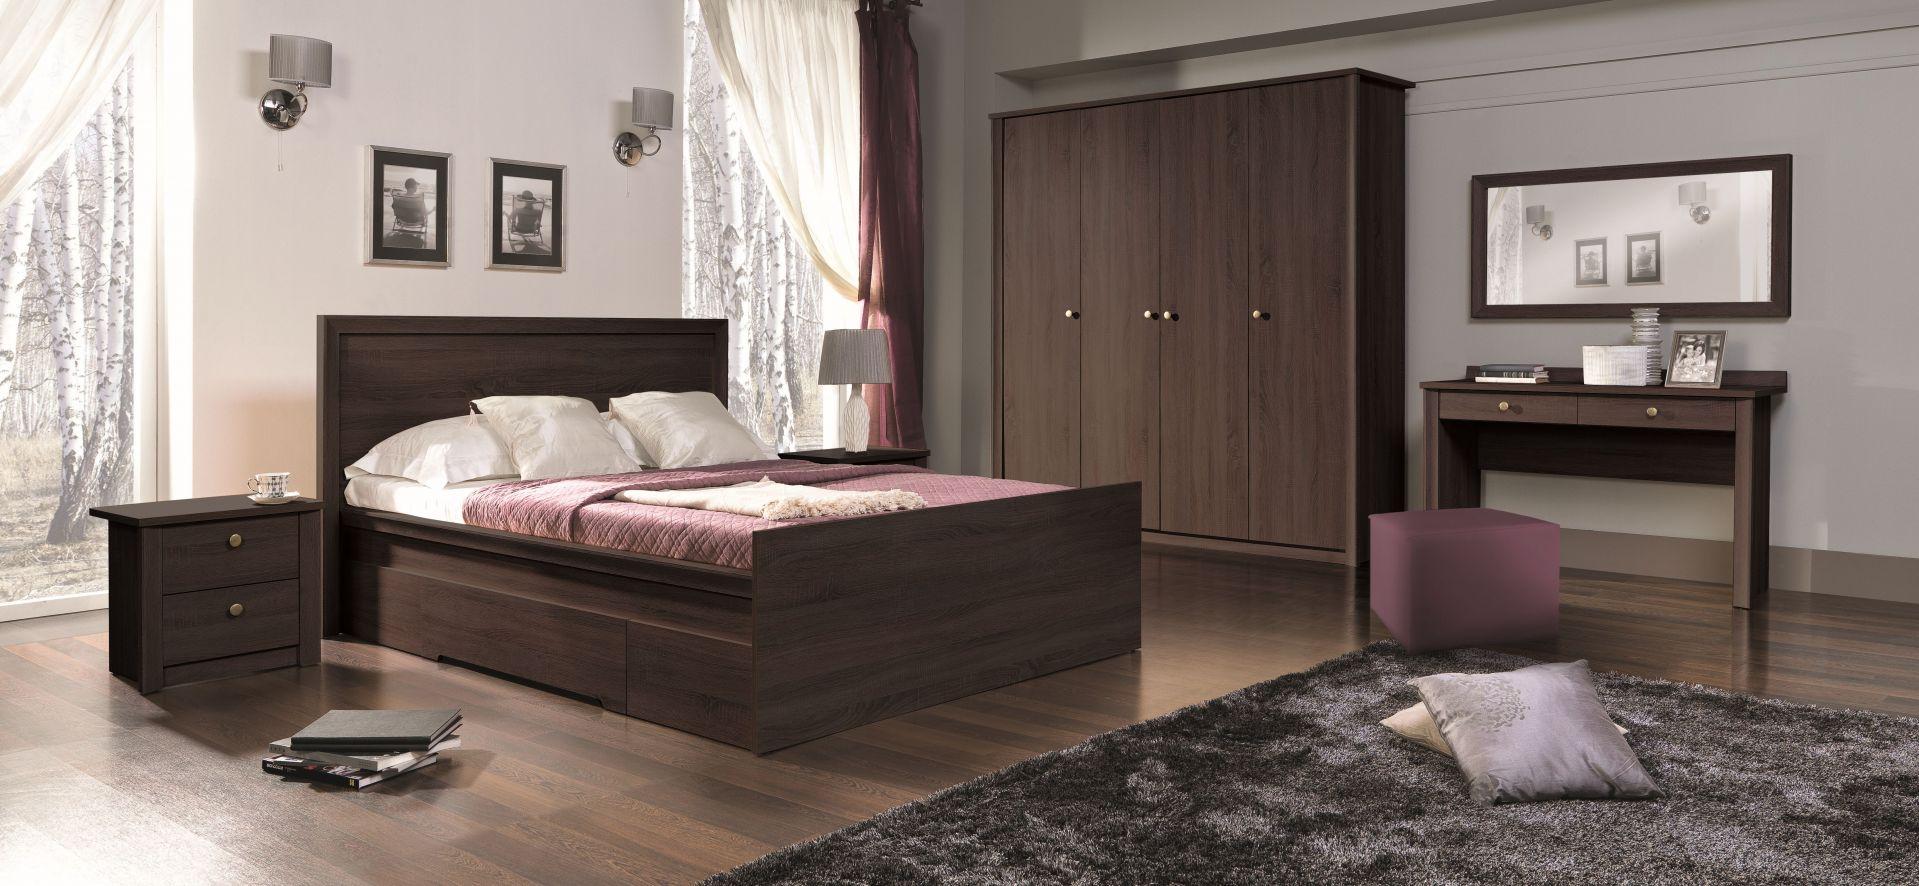 Sypialnia Finezja wyróżnia się tradycyjną formą. Meble w ciemnym dekorze wniosą do wnętrza ciepło oraz przytulny klimat. Fot. Maridex